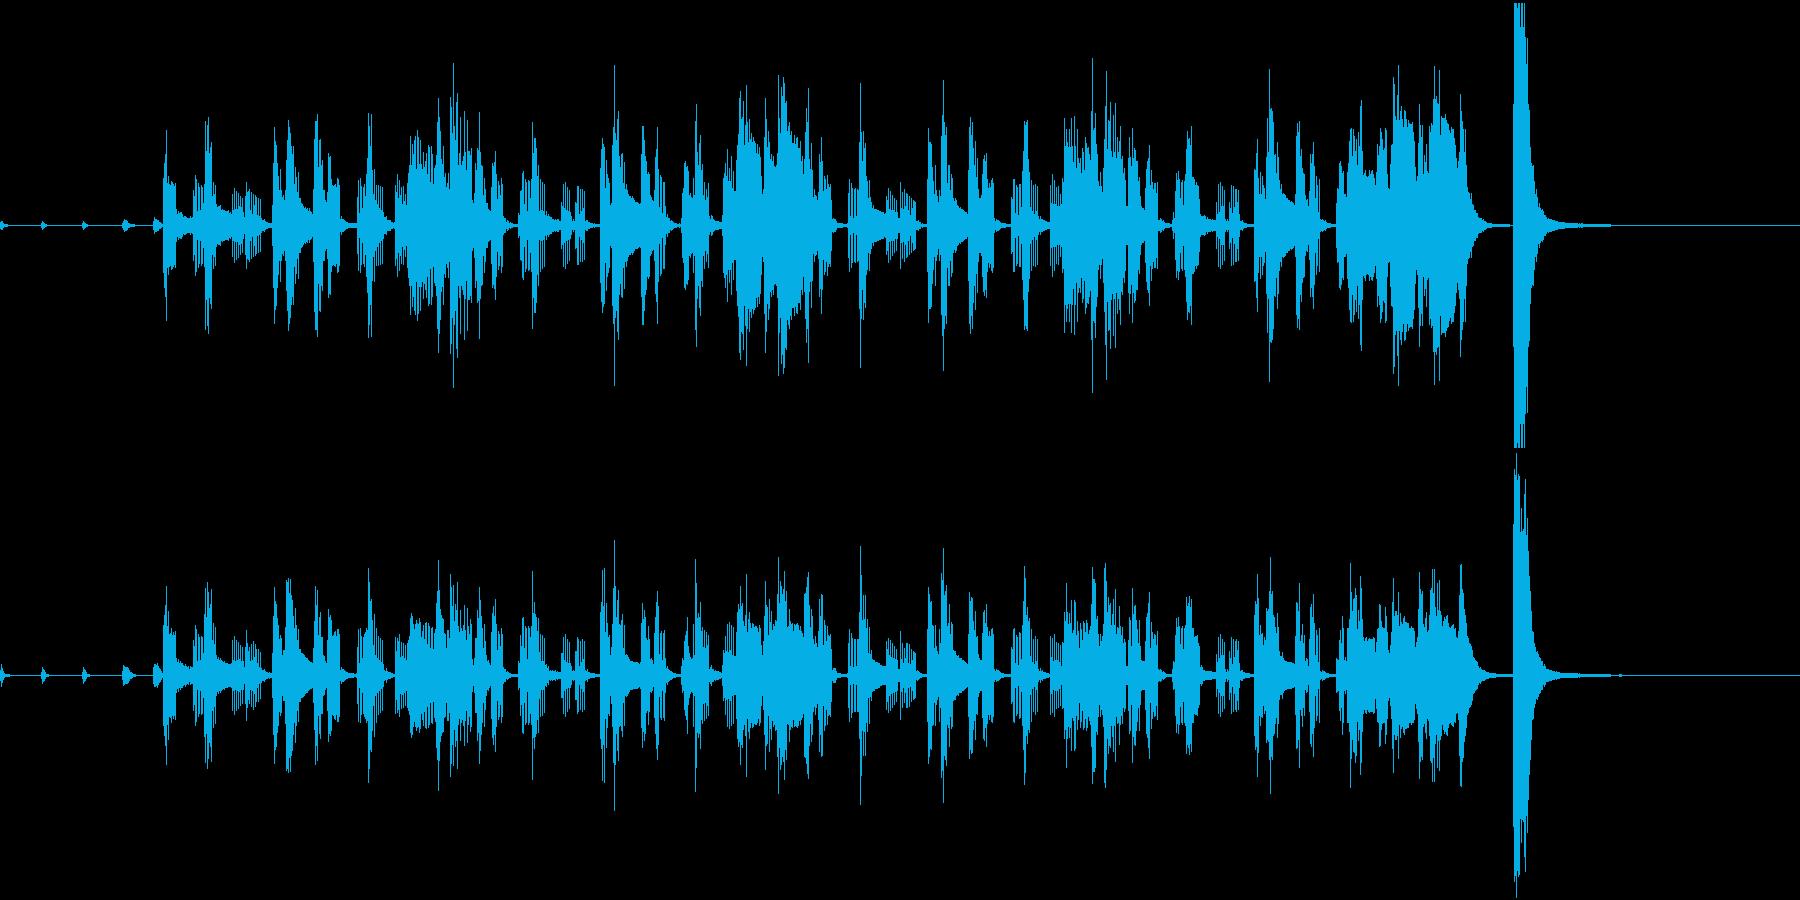 ゆるふわほのぼの日常系ジングルの再生済みの波形